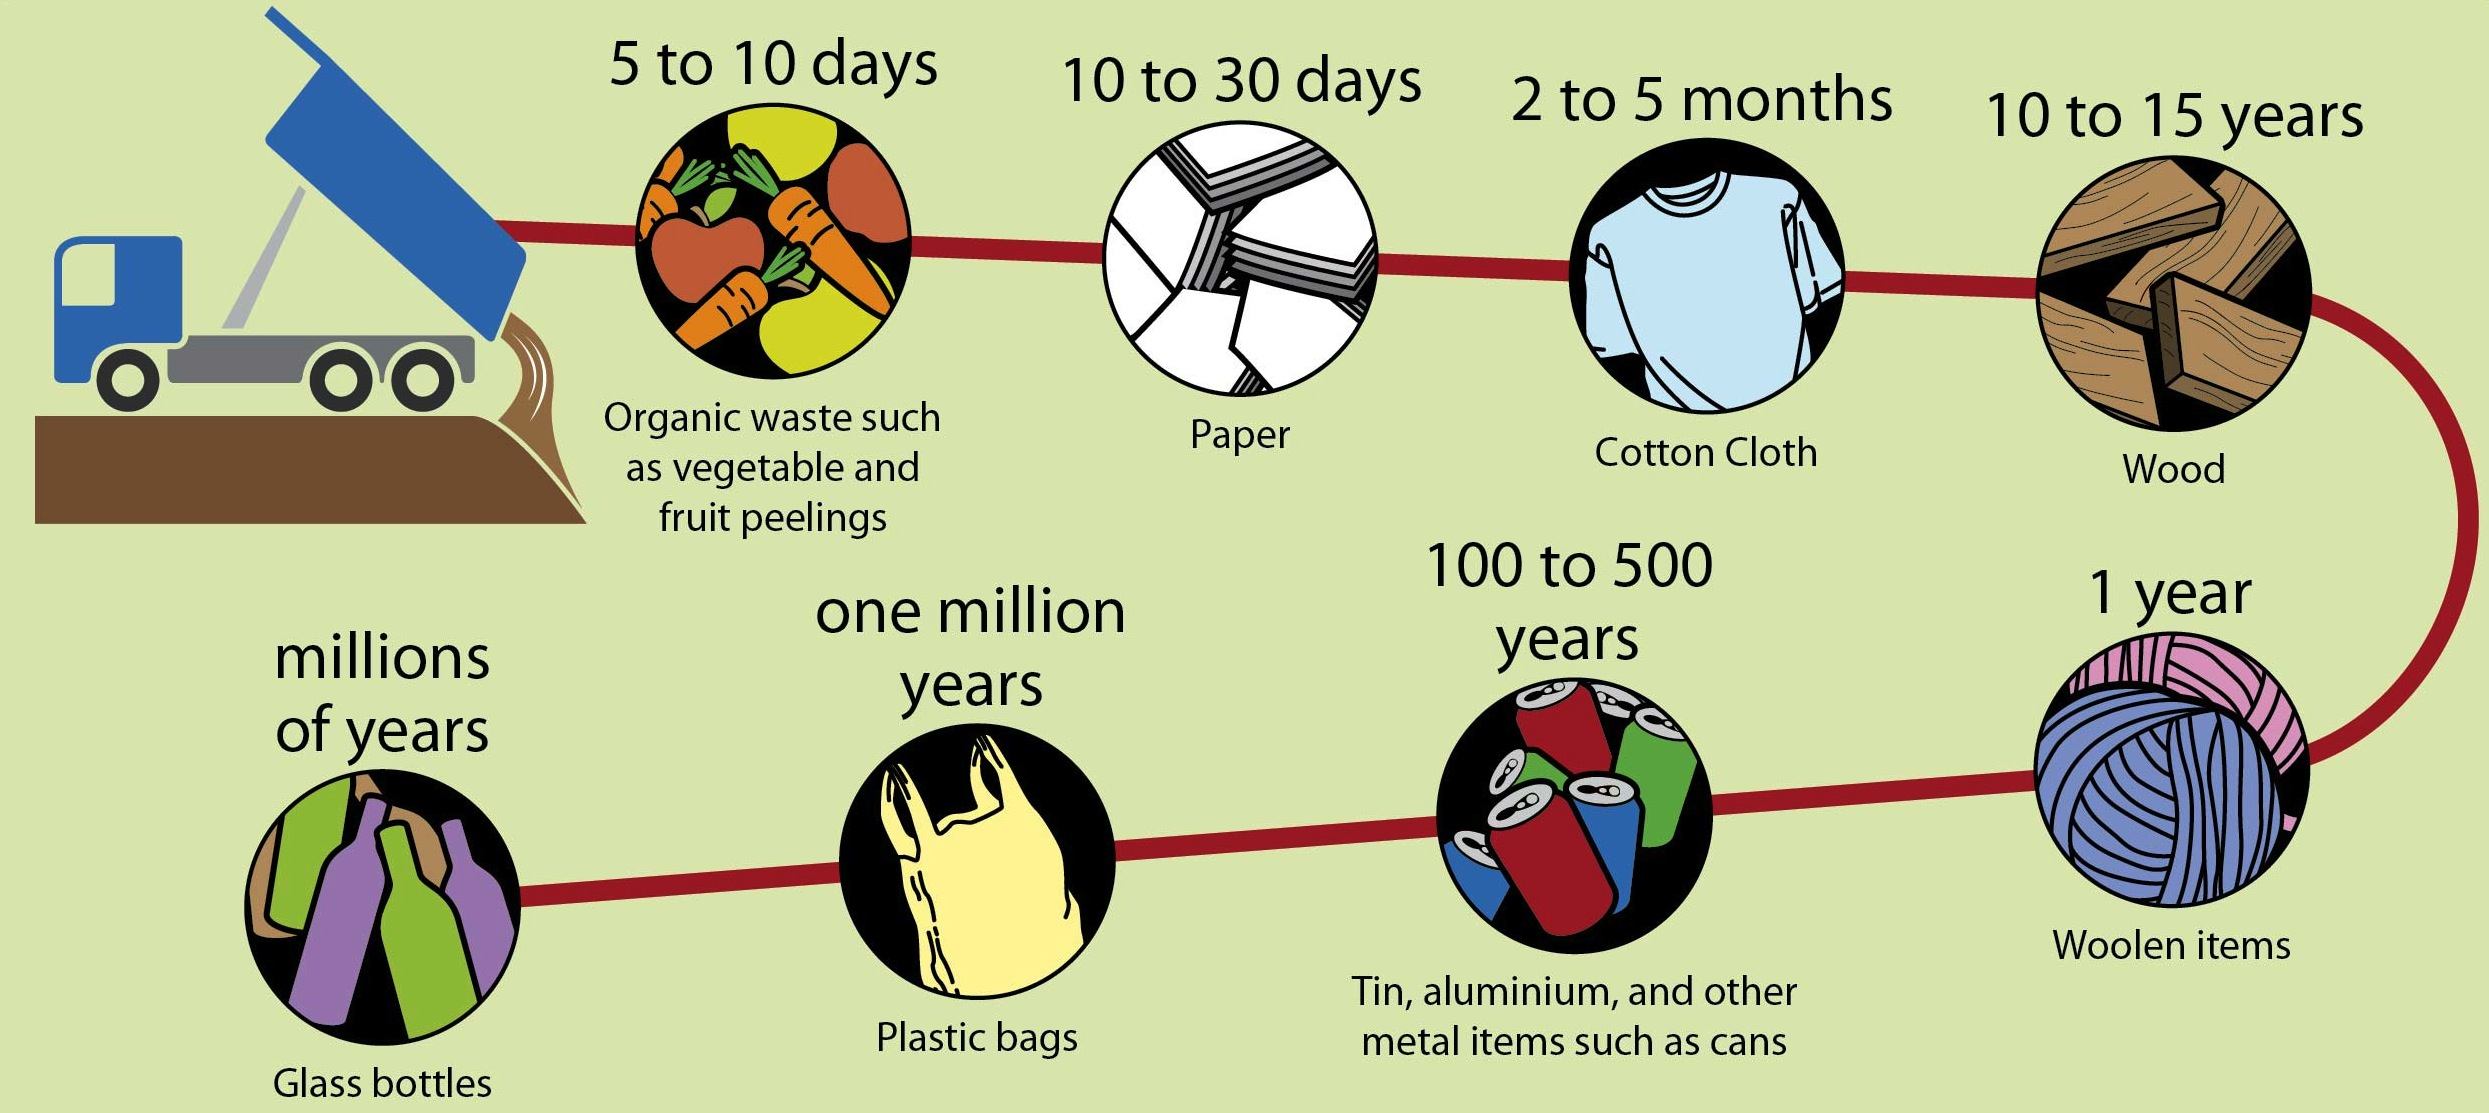 Free Reduce Reuse Recycle Worksheet